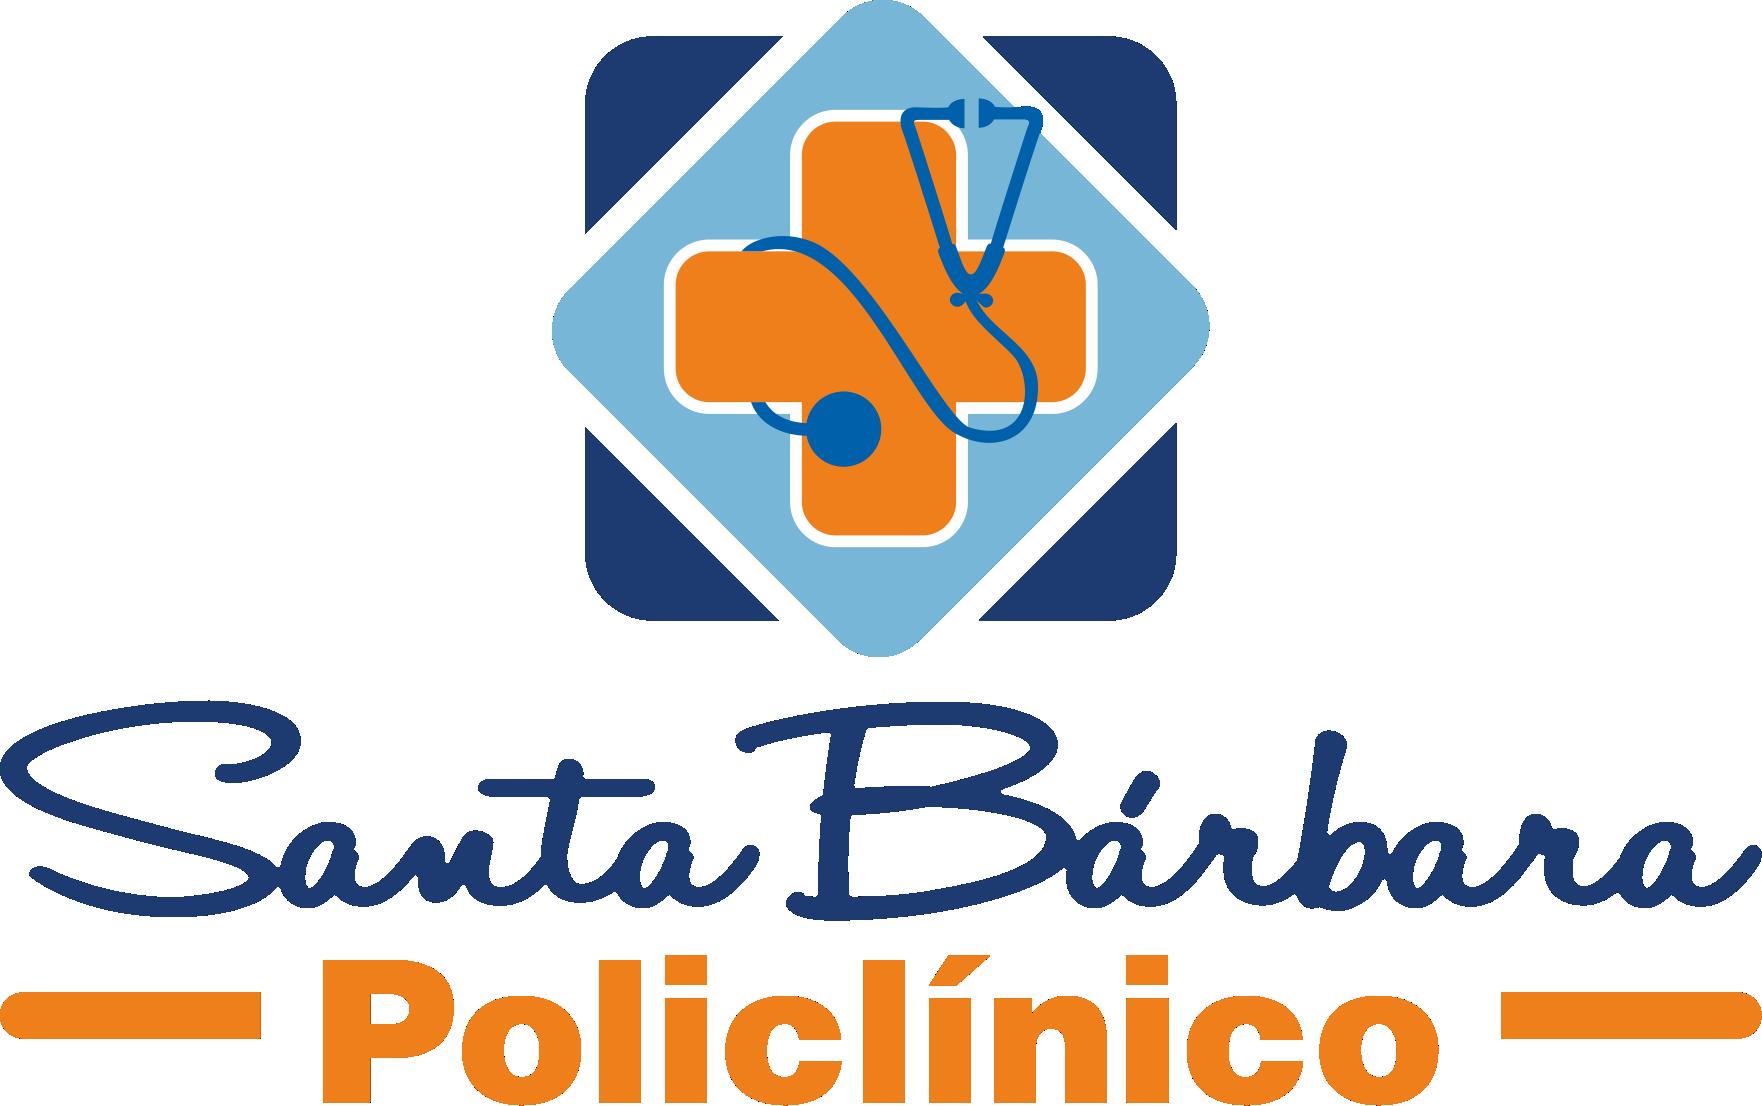 Policlinico Santa Barbara